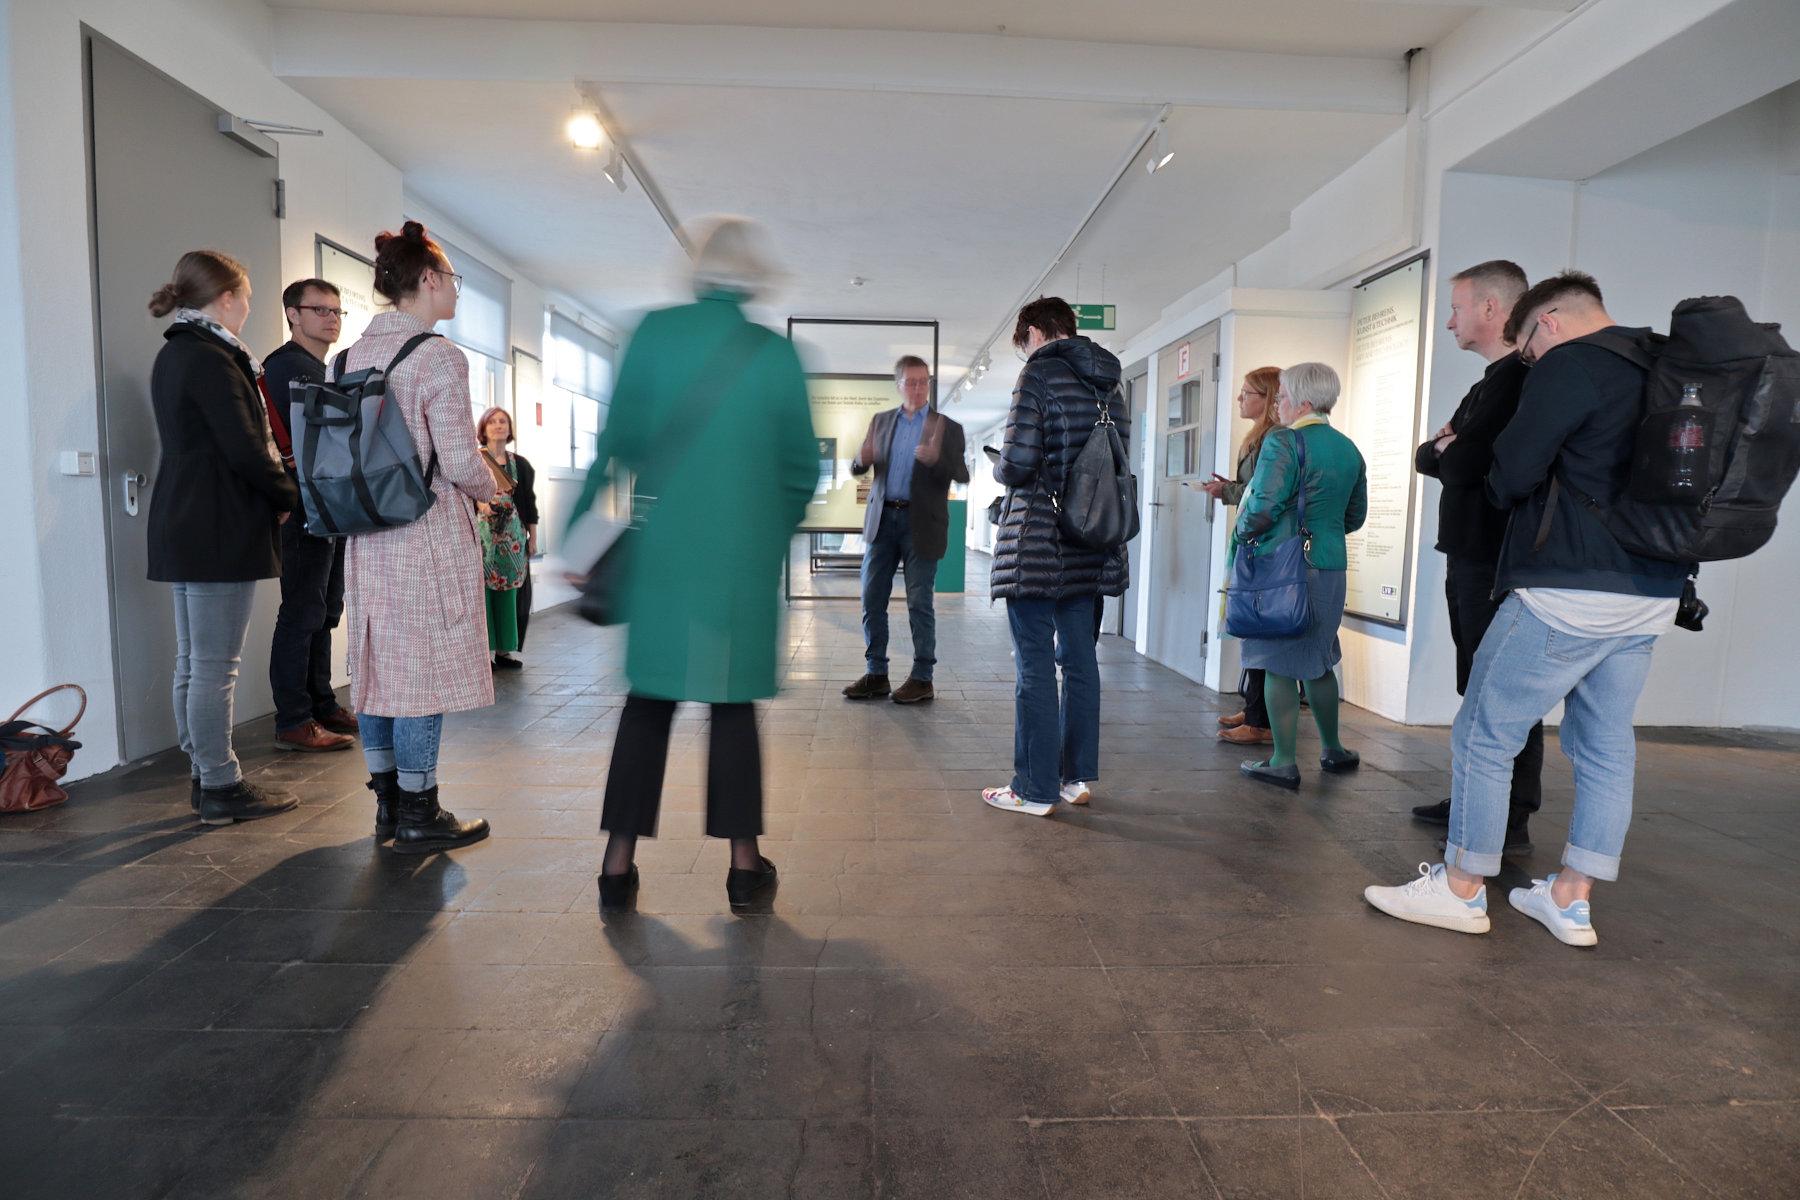 """LVR Industriemuseum Peter-Behrens-Bau. 1993 erwarb der Landschaftsverband Rheinland das Hauptlagerhaus, 1998 konnte das Museum eröffnet werden. In der Dauerausstellung """"Peter Behrens - Kunst und Technik""""."""